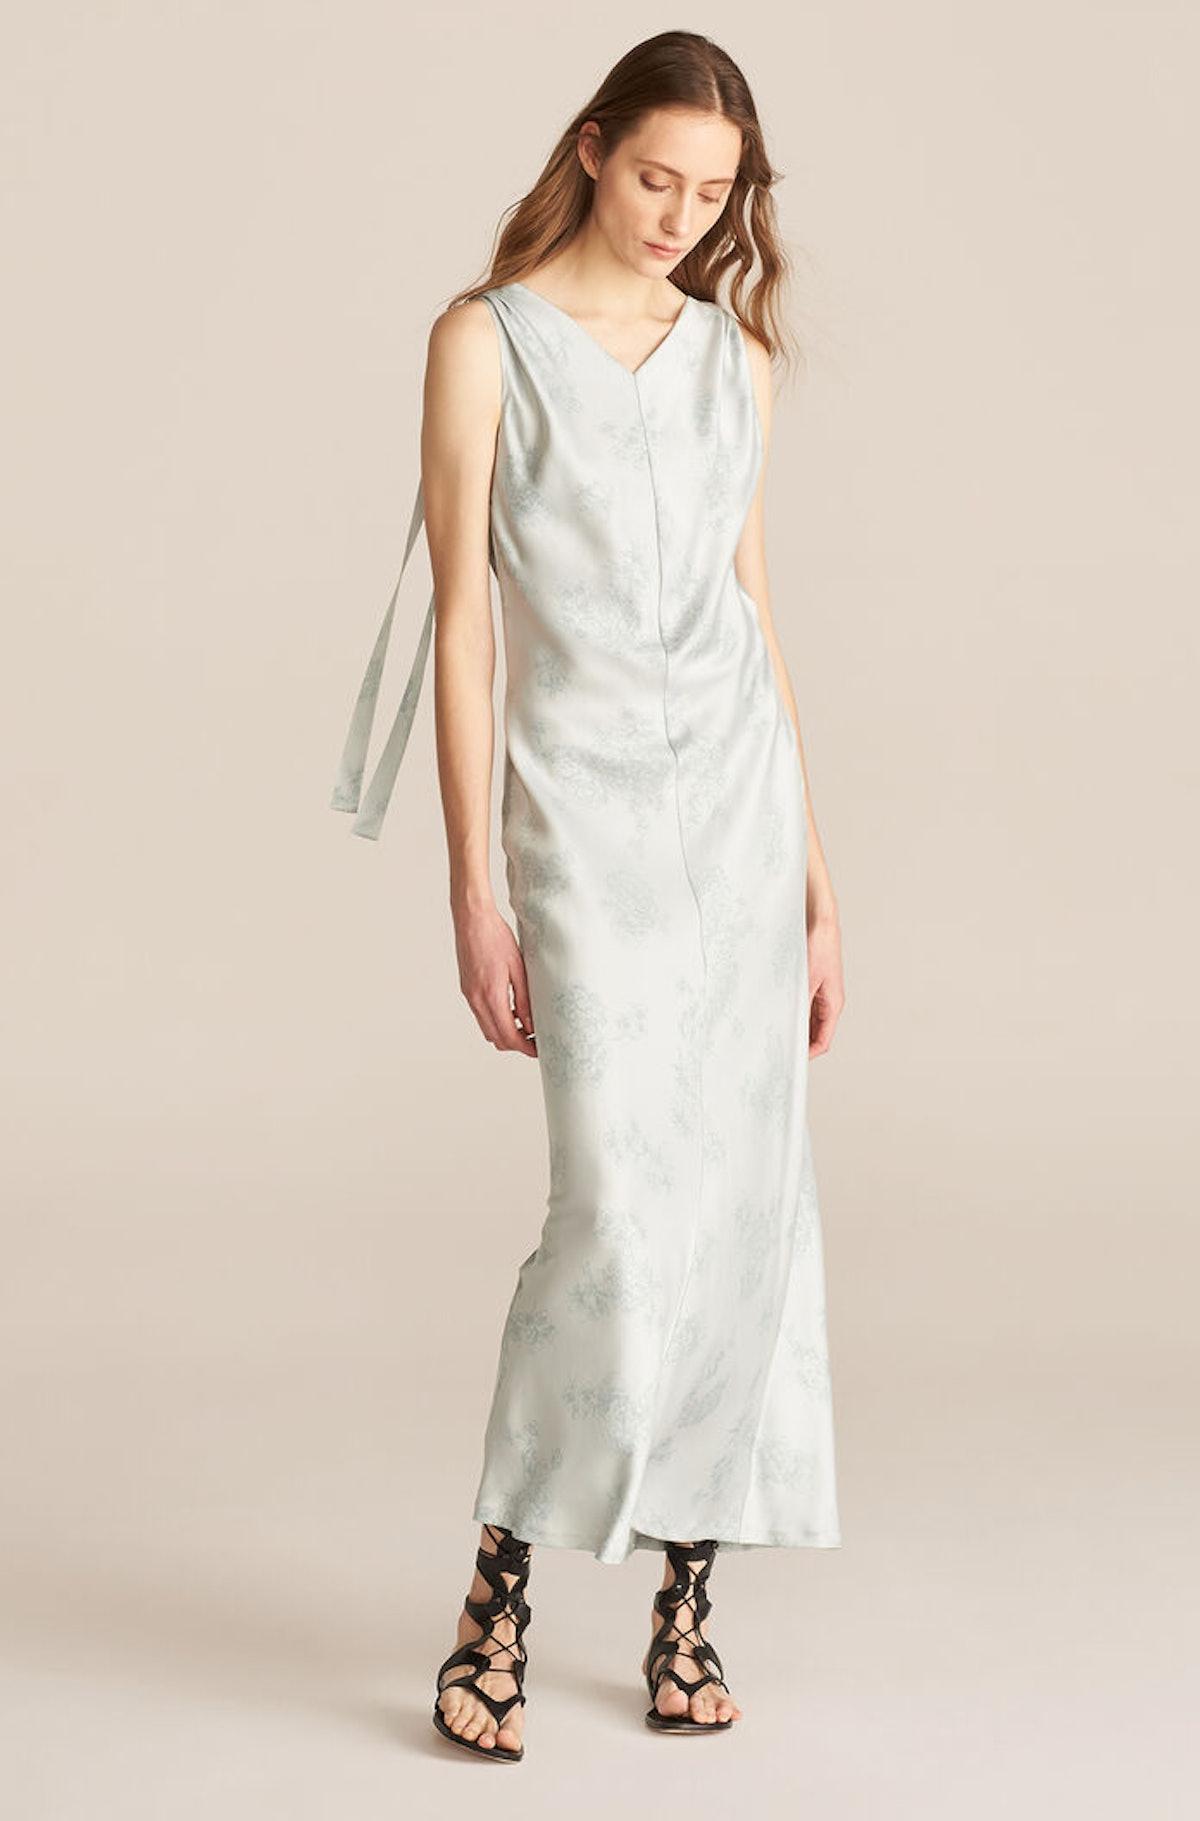 Sleeveless Toile Slip Dress